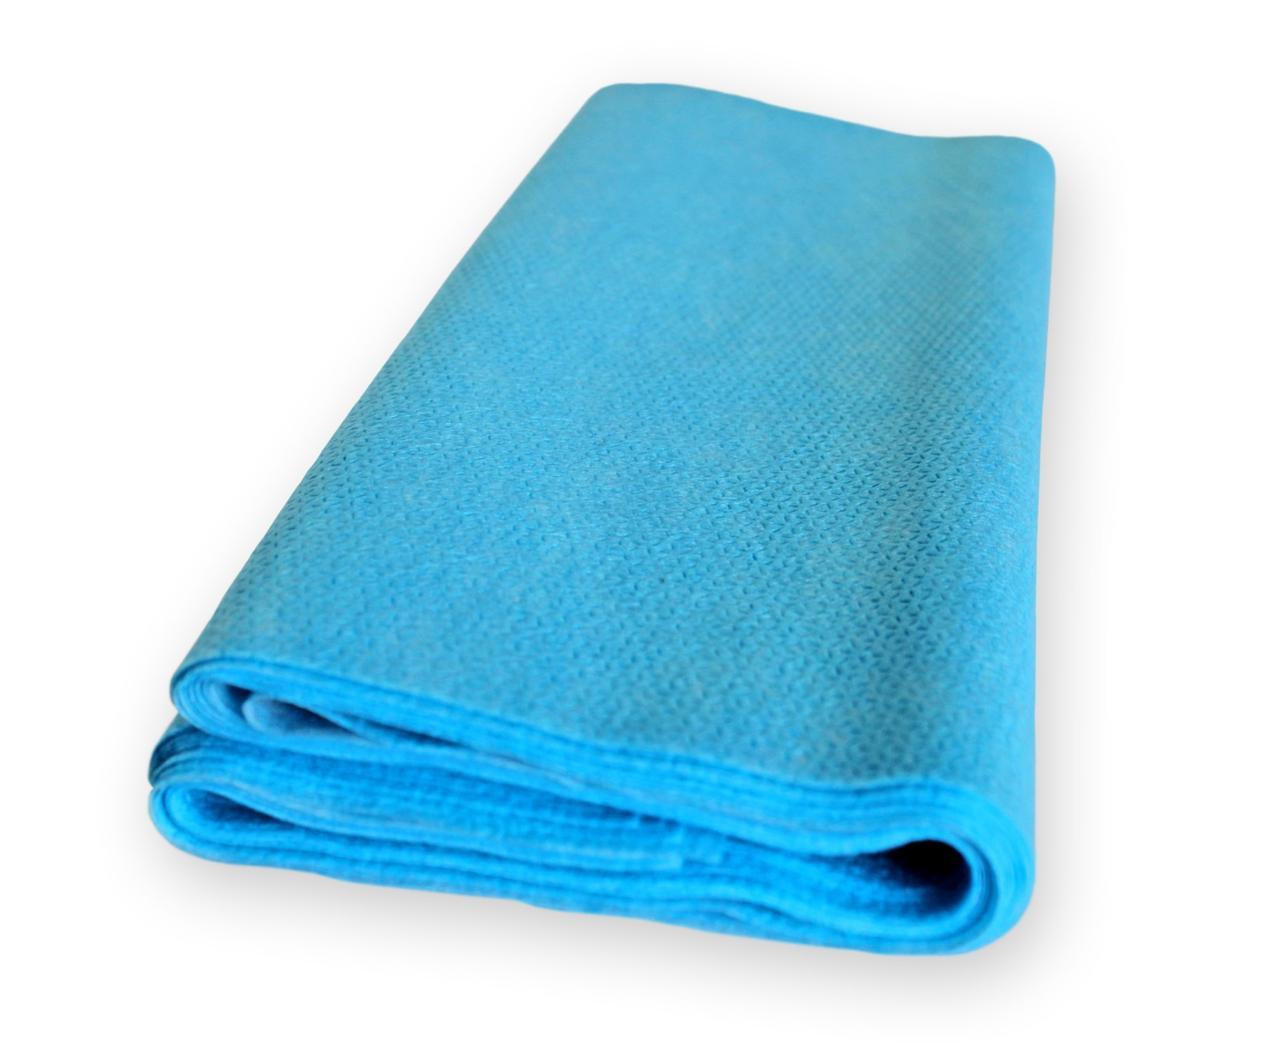 Пеленка (салфетка) QSLEEP влагостойкая 60х120см бело-голубая (10шт/уп)